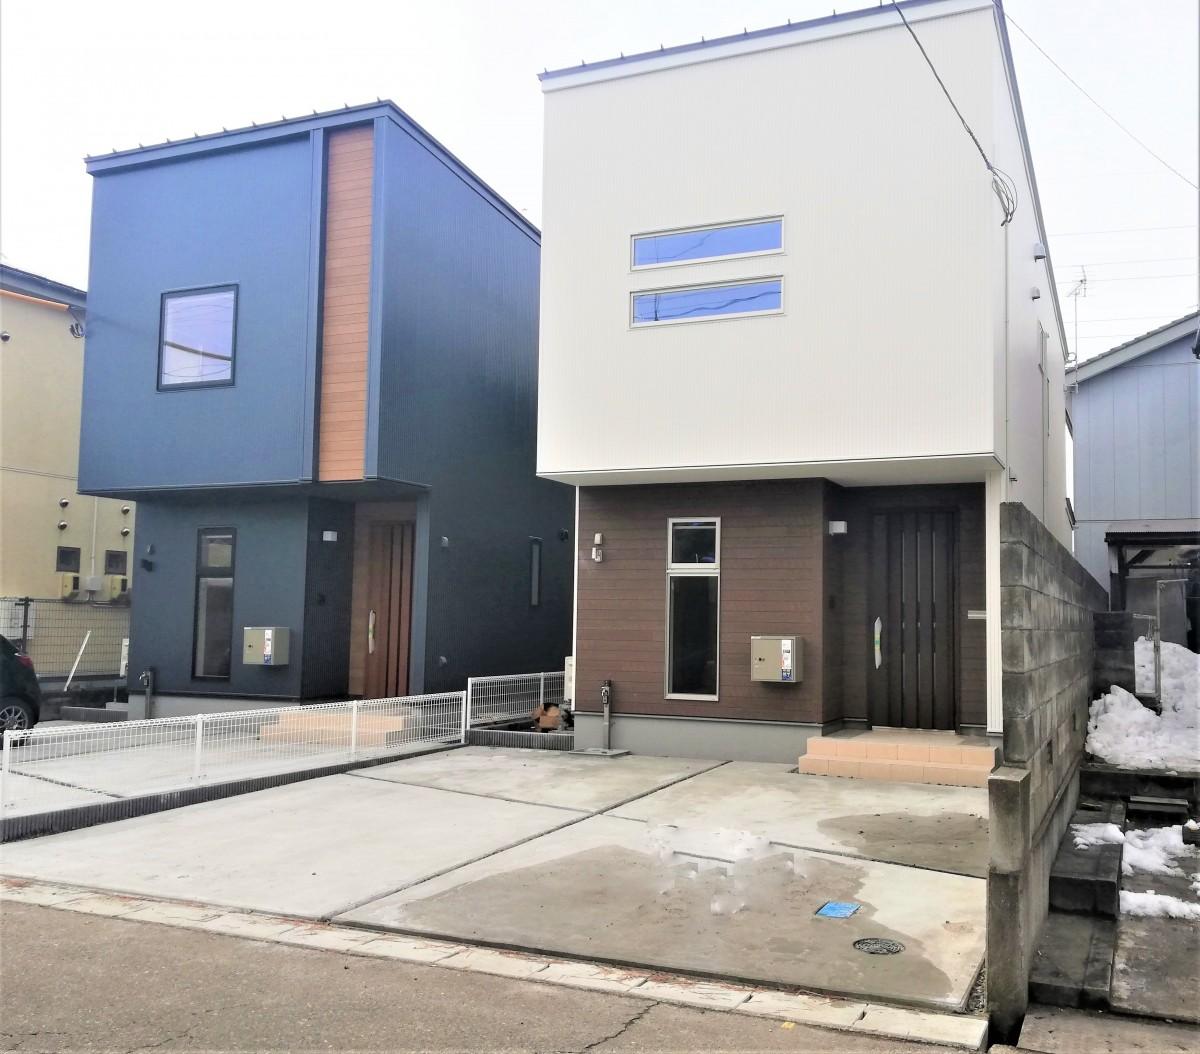 西区小新 建売住宅 完成見学会(No.2 販売済)